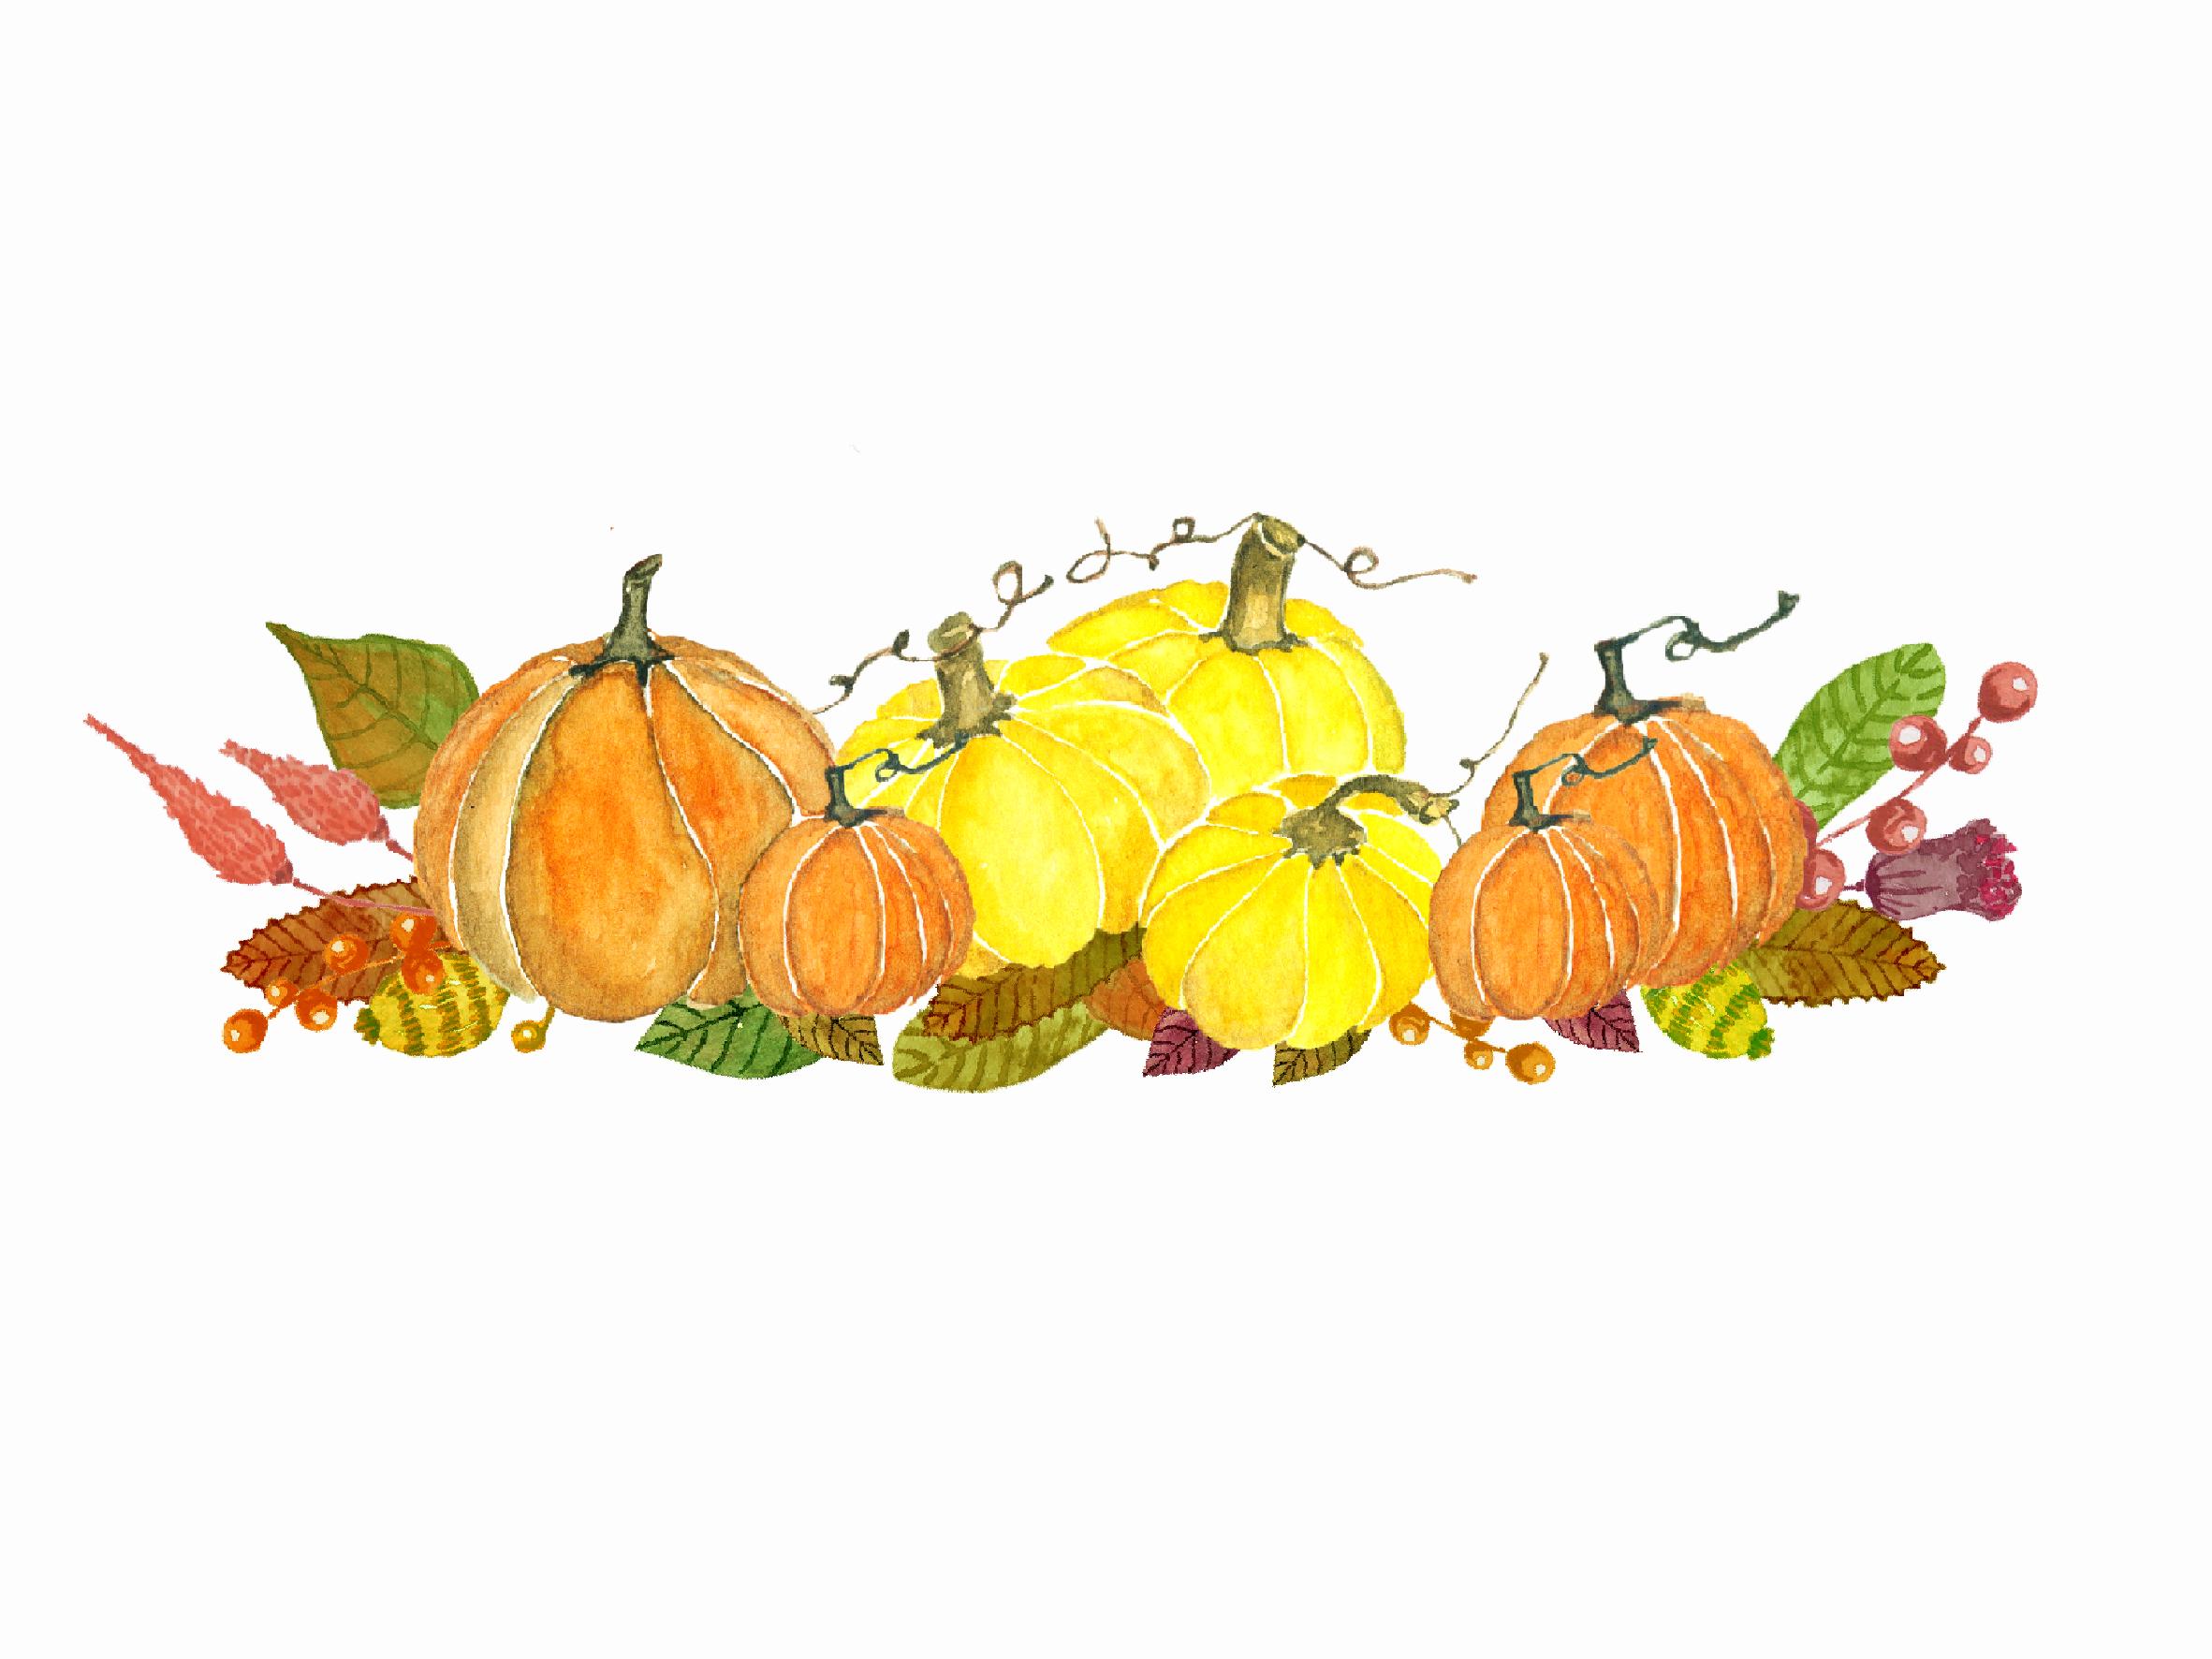 Watercolor Autumn Pumkin Clipart ~ Illustrations on ...